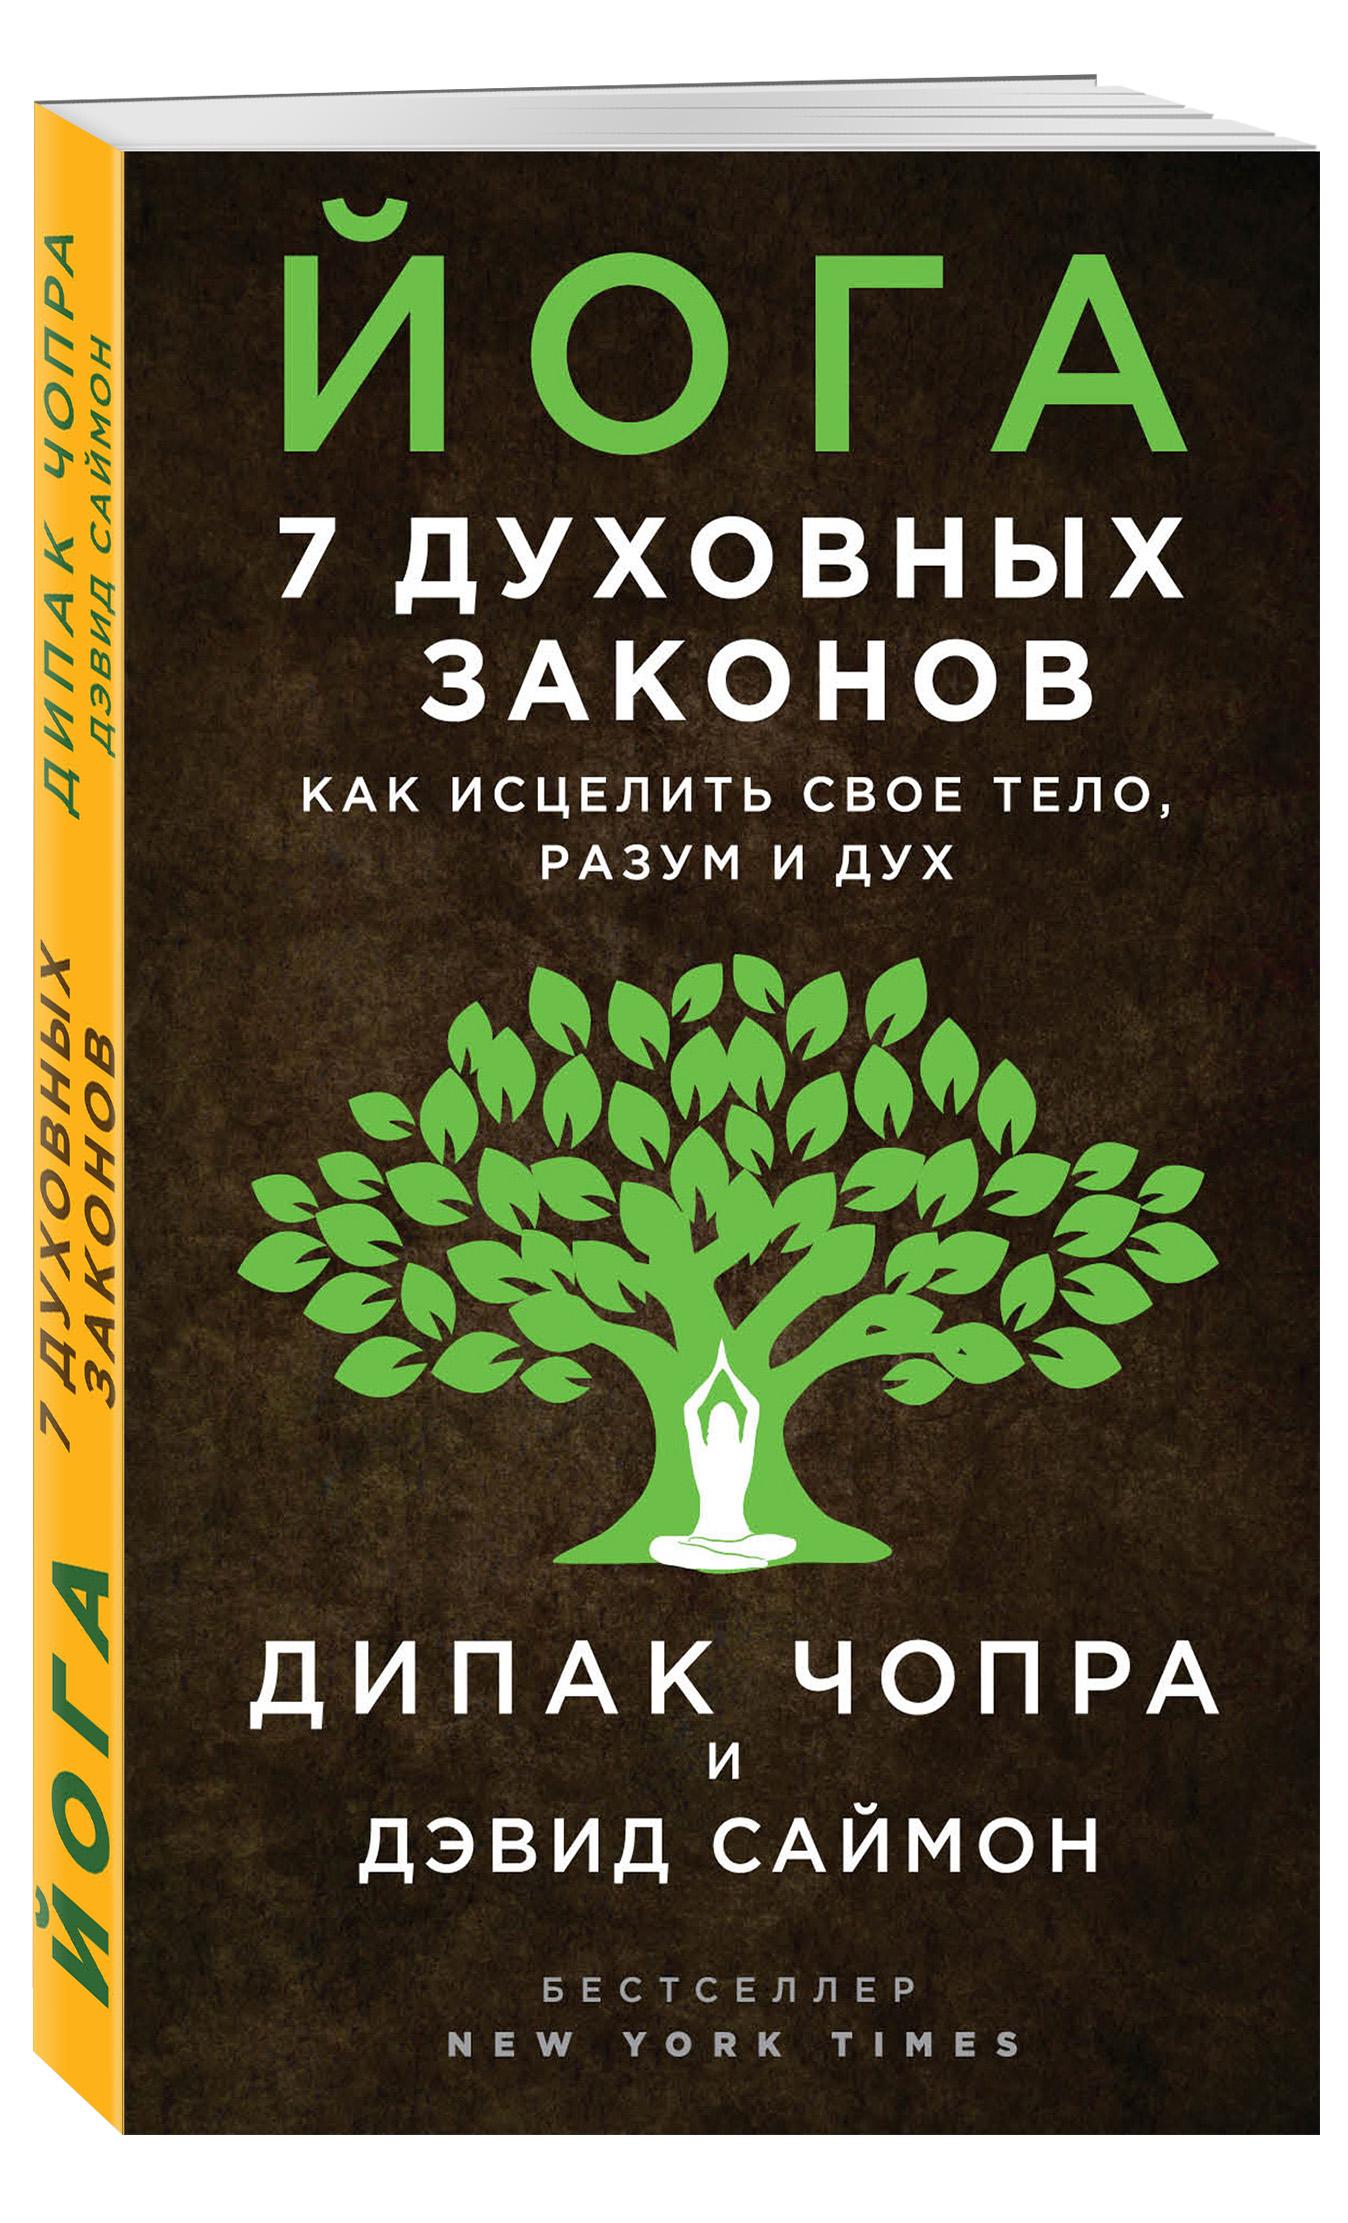 Дипак Чопра, Дэвид Саймон Йога: 7 духовных законов. Как исцелить свое тело, разум и дух цены онлайн